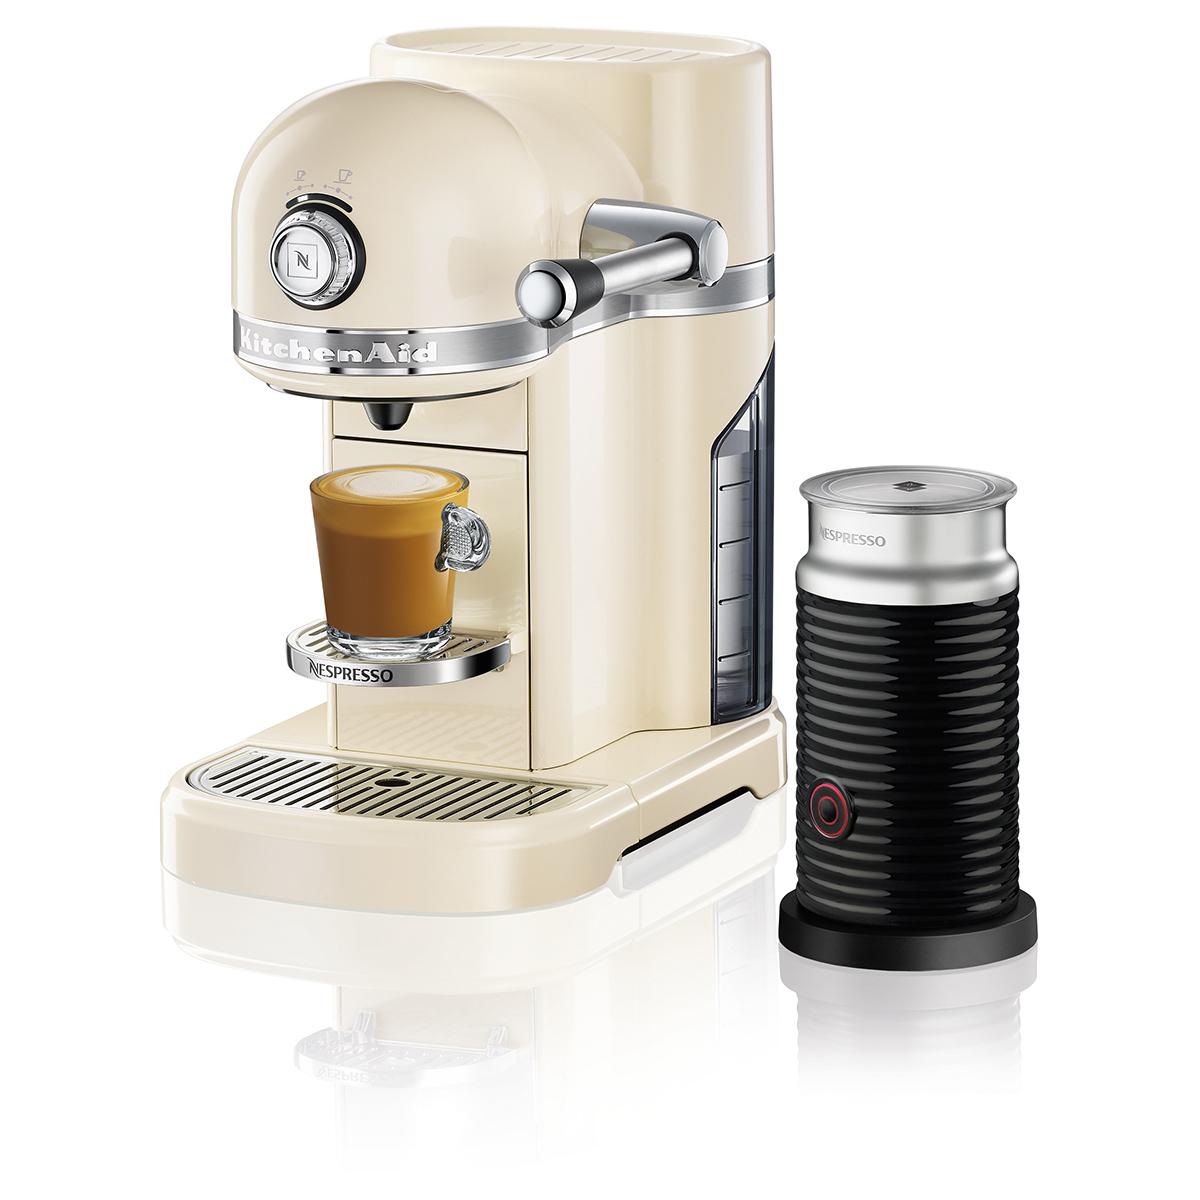 Kitchenaid Coffee Maker Kcm1202ob Reviews : KitchenAid 5KES0504 Reviews - ProductReview.com.au